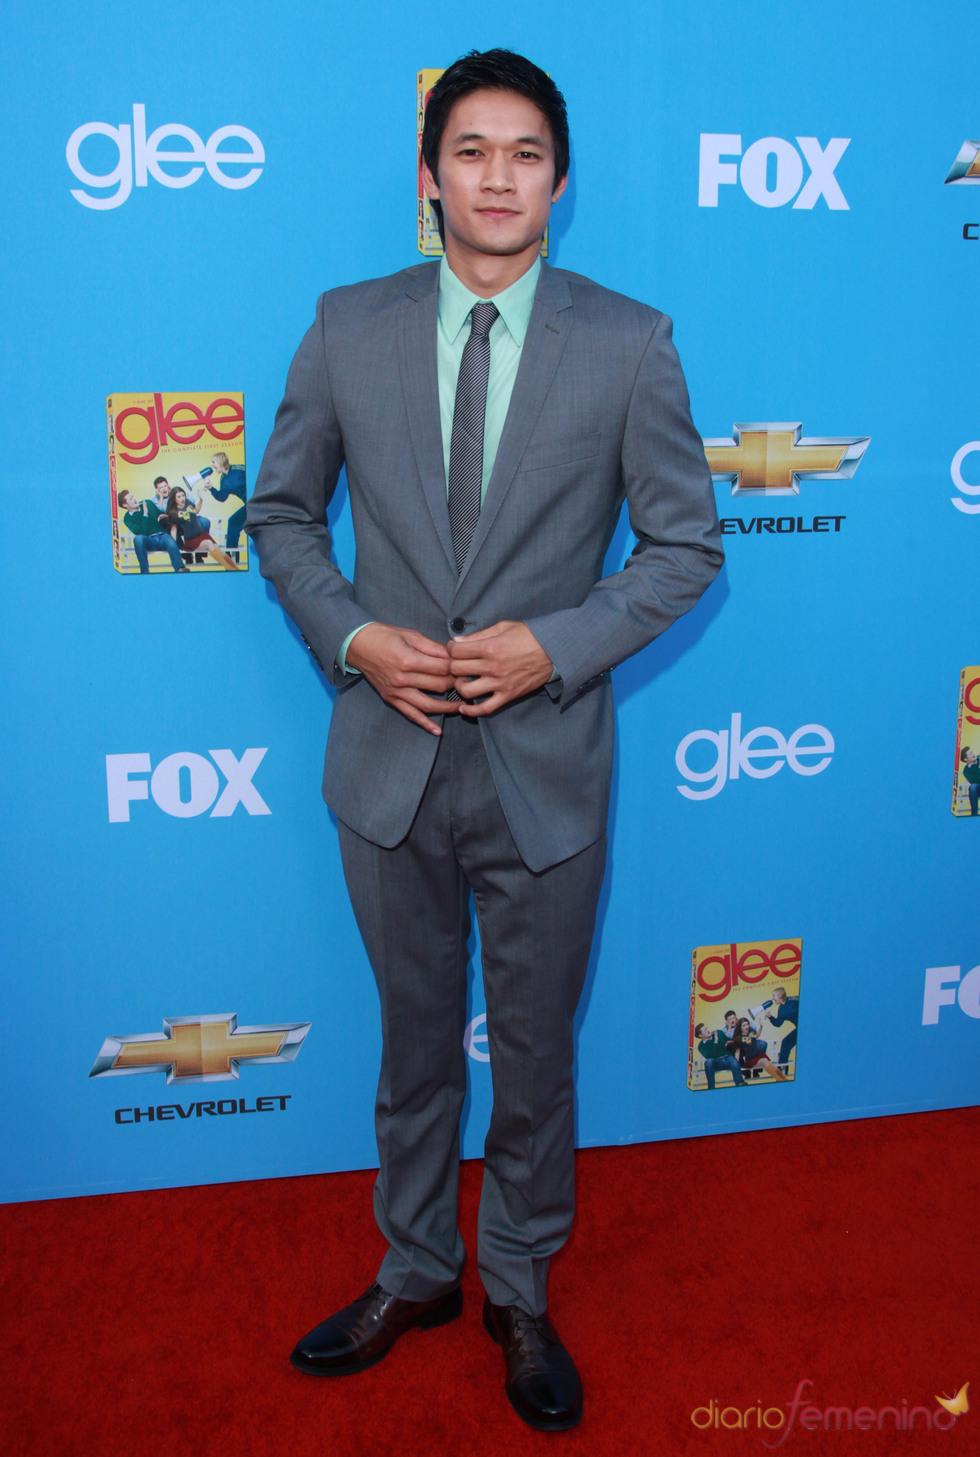 Harry Shum Jr. en la premiere de 'Glee'